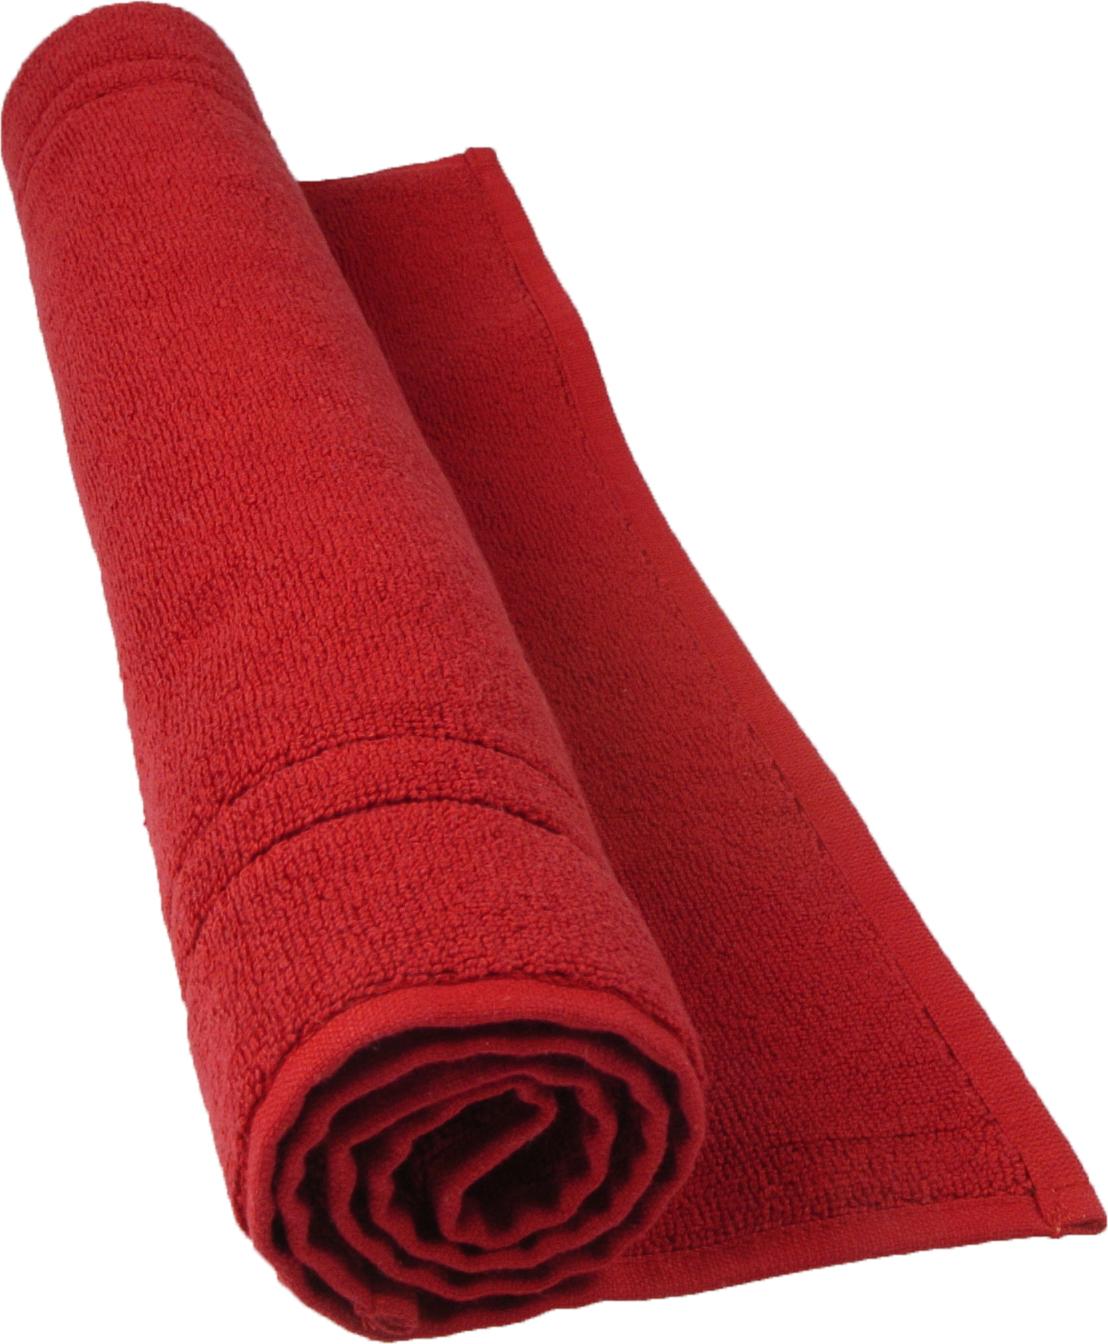 tapis de bain 50 x 80 cm en coton couleur bordeaux bordeaux homemaison vente en ligne. Black Bedroom Furniture Sets. Home Design Ideas